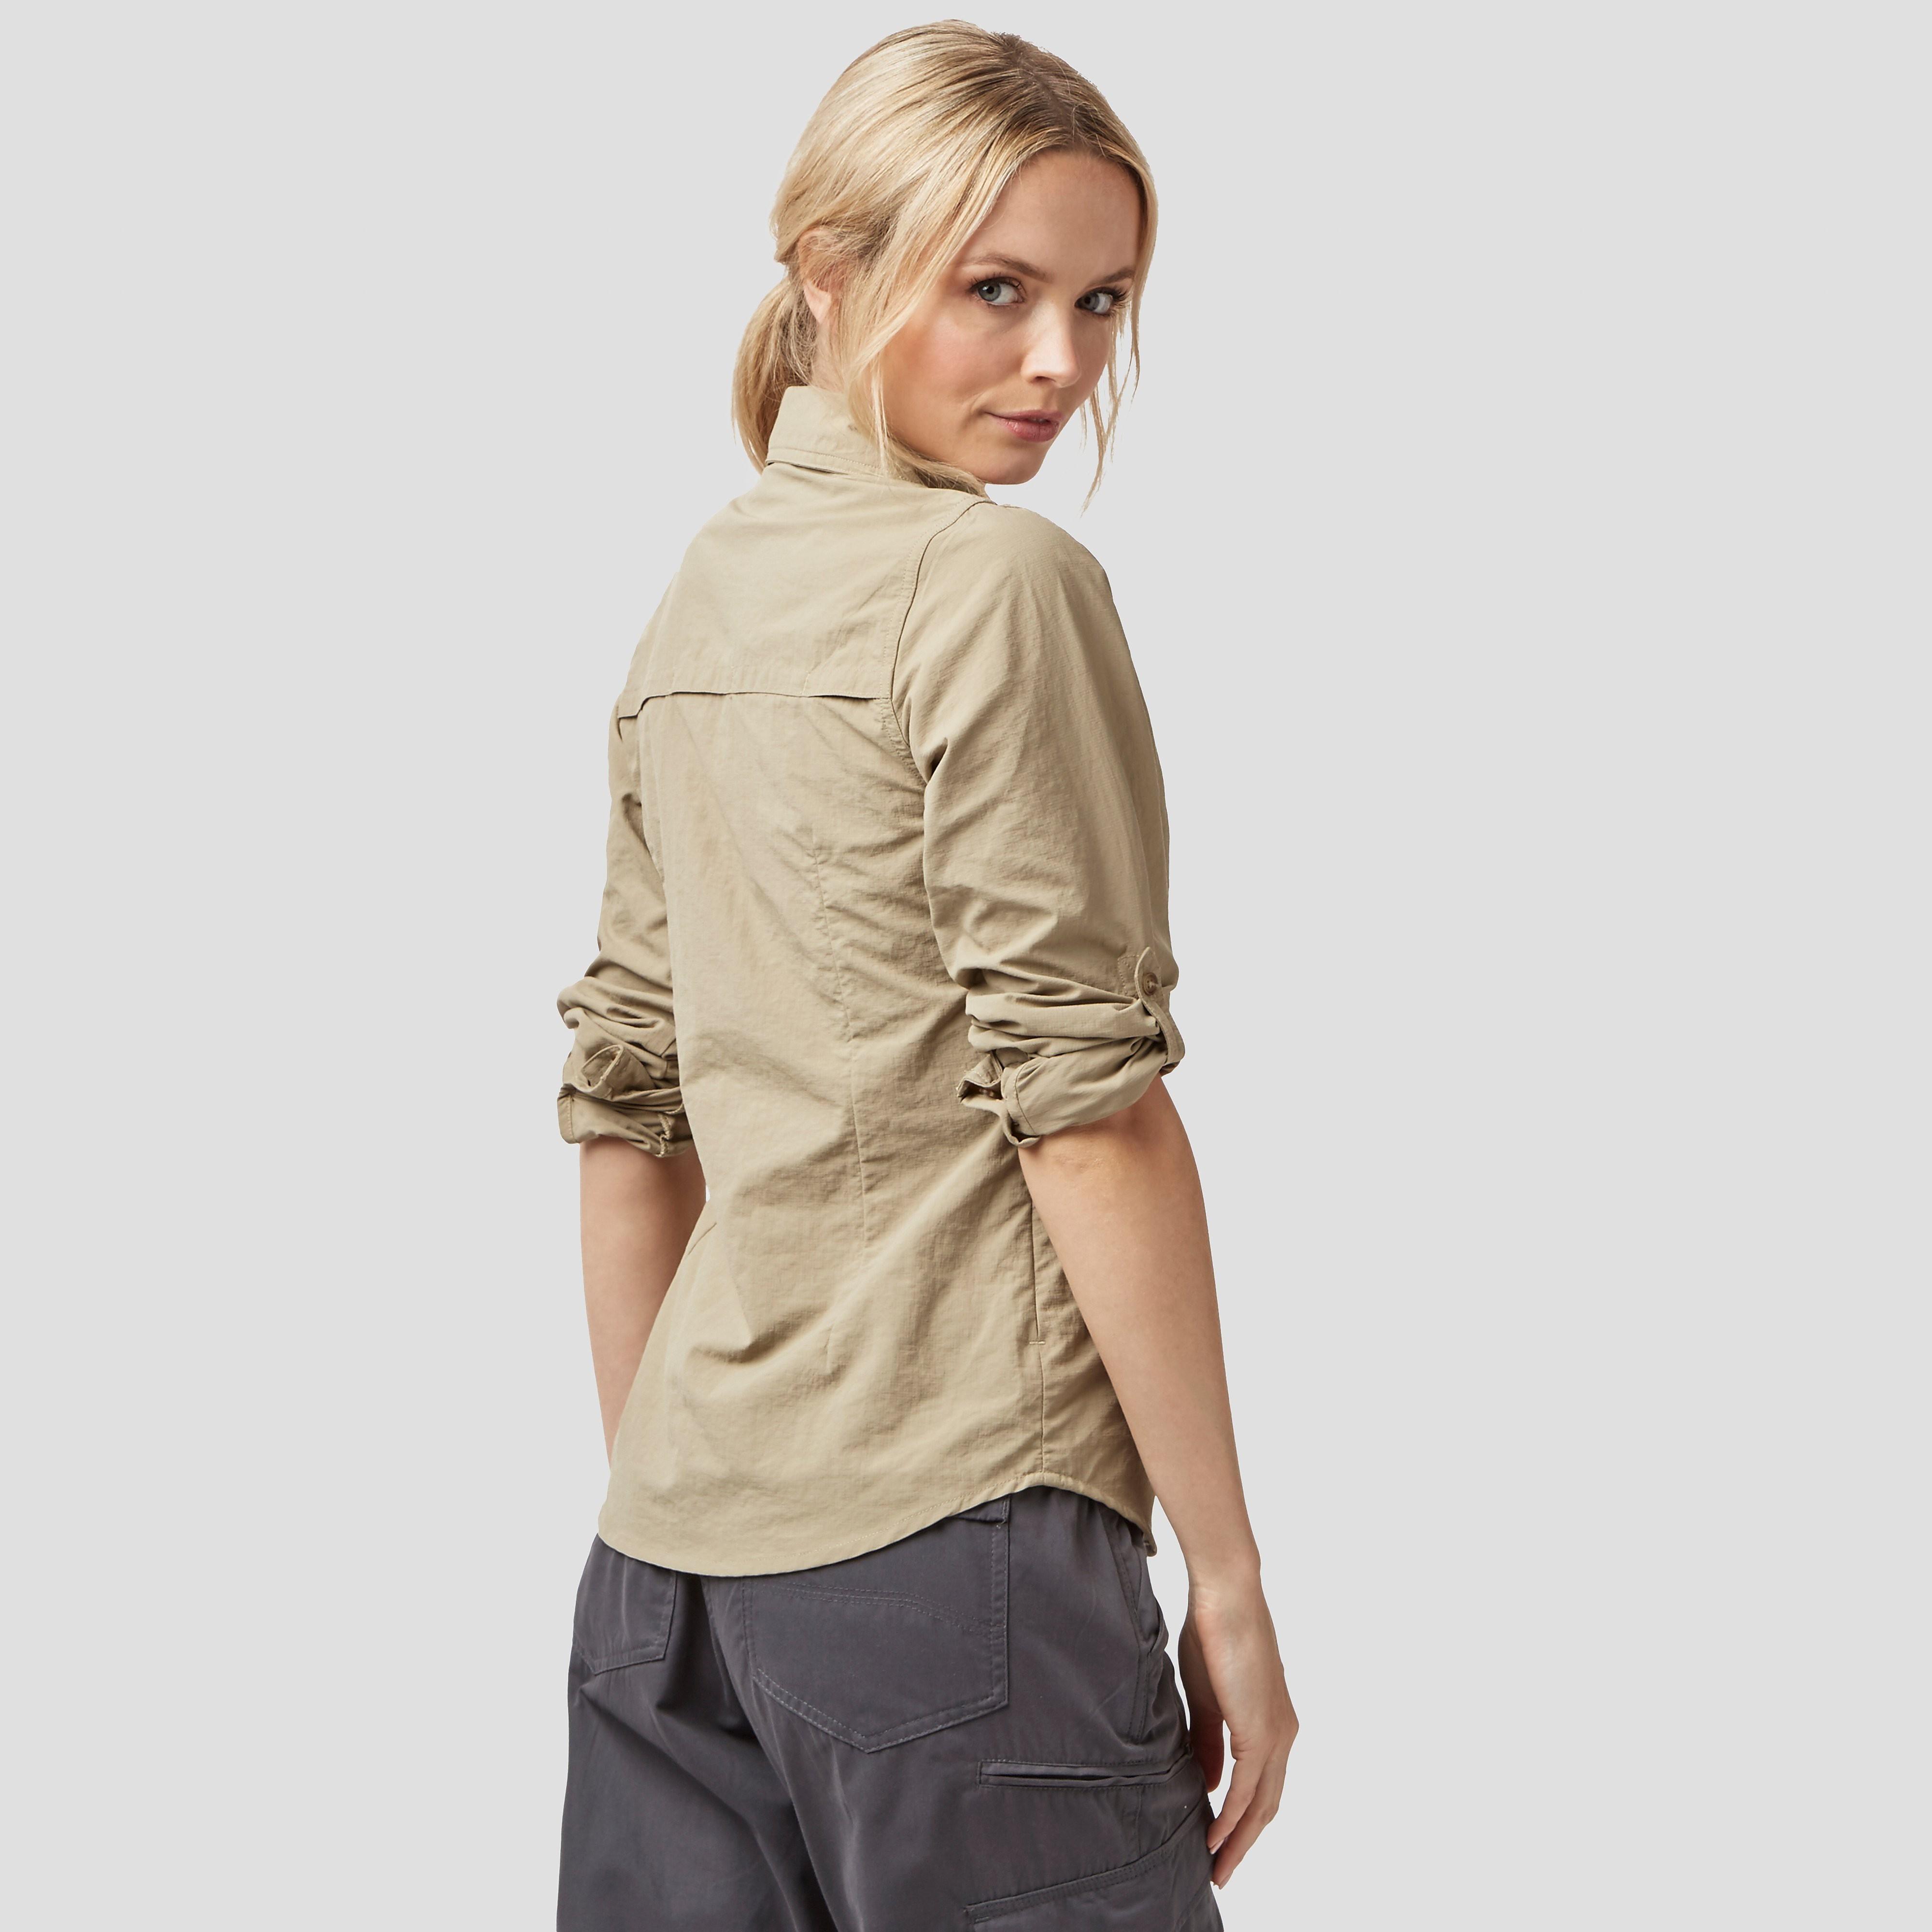 Peter Storm Women's Travel Shirt